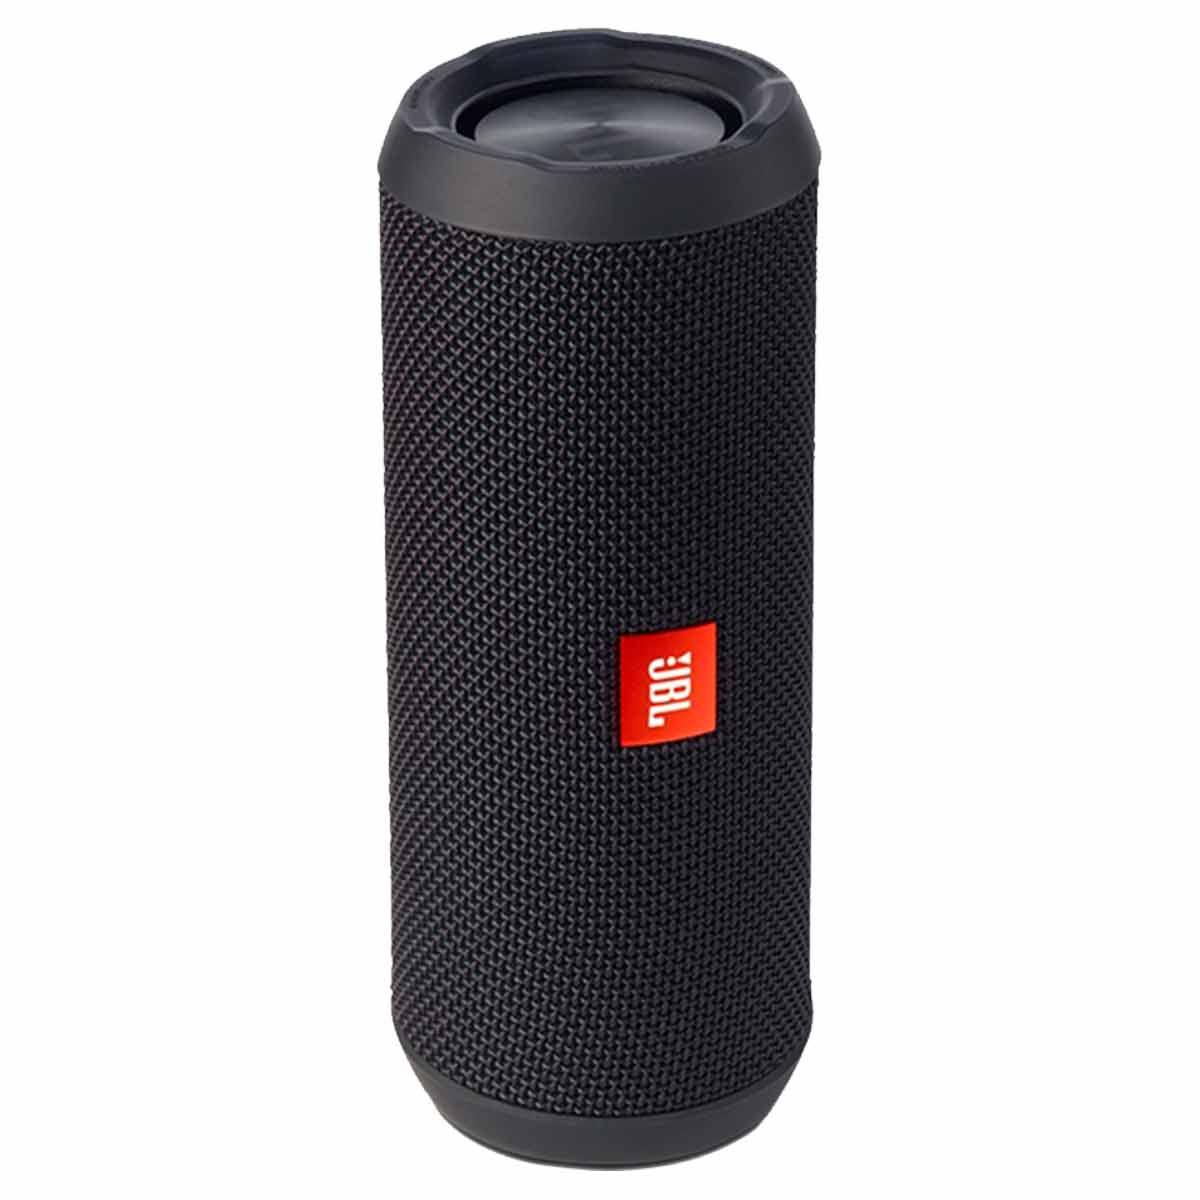 JBLFLIP3 - Caixa de Som Portátil 16W c/ Bluetooth JBL FLIP3 Preto - JBL